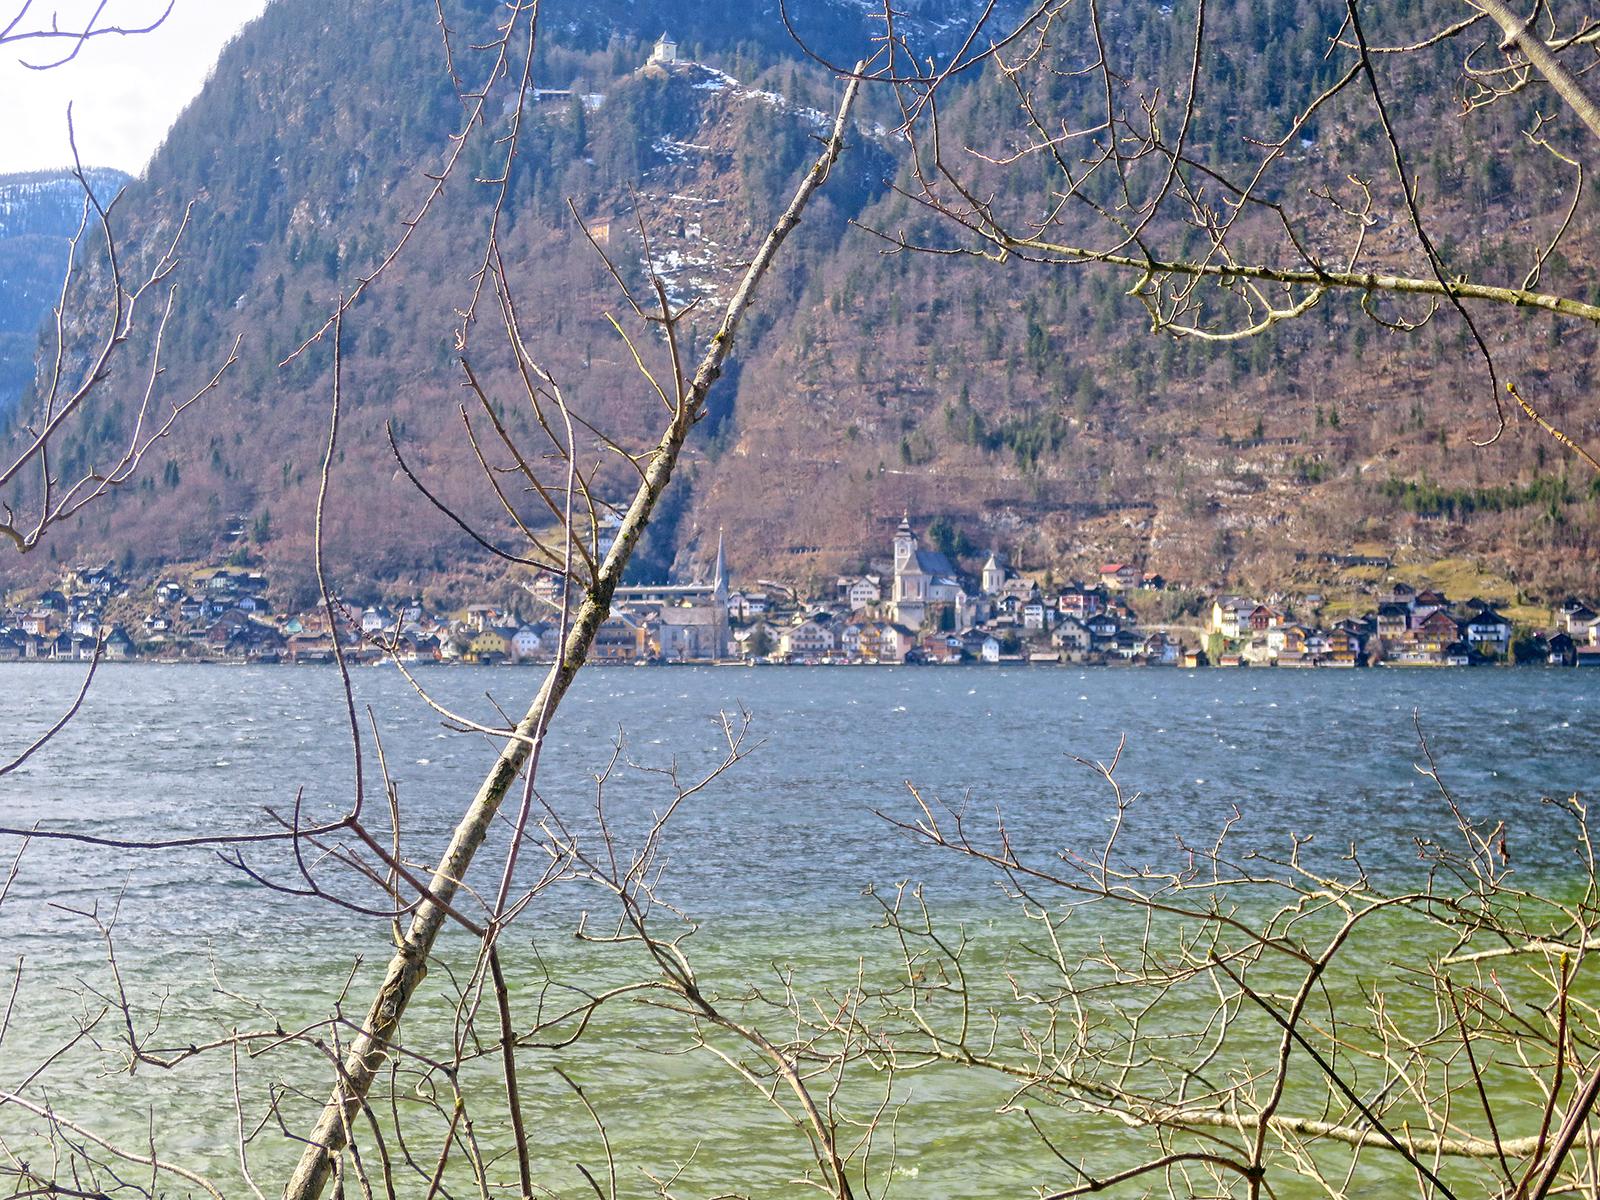 How to … Hallstatt: 9 Tipps & Highlights für eine Reise nach Hallstatt